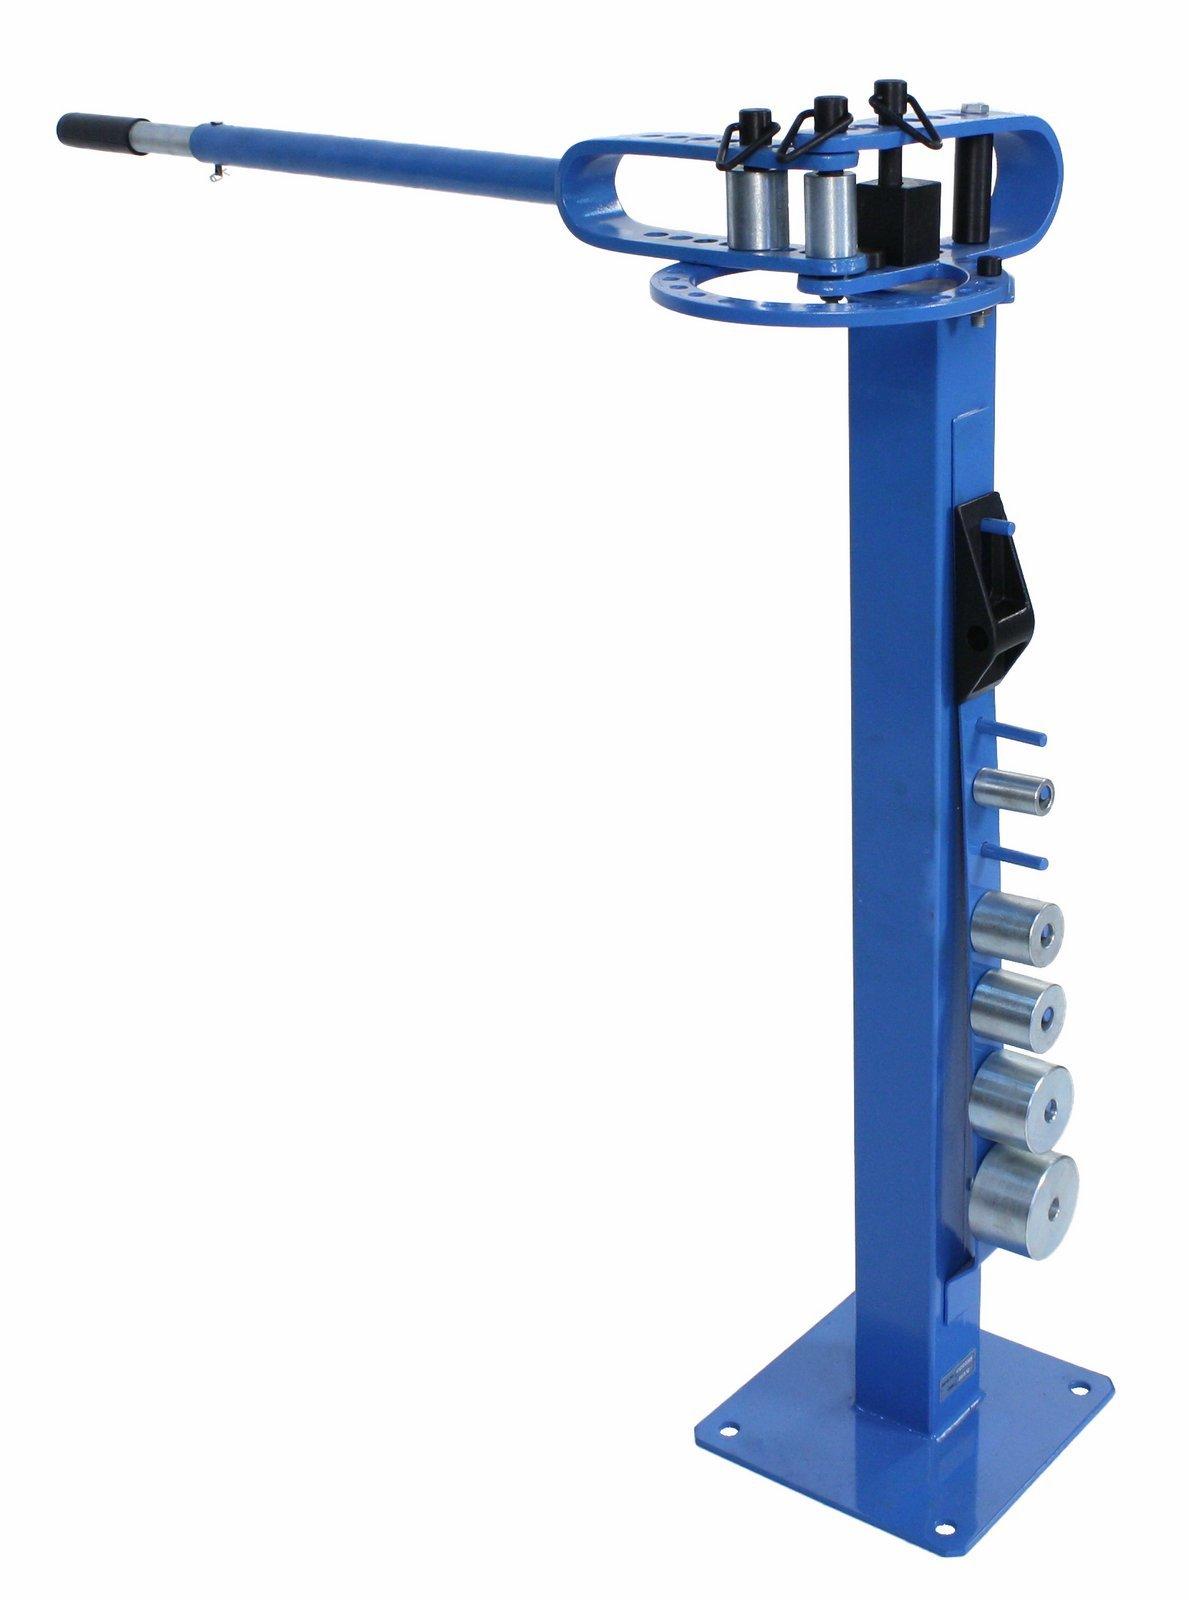 Erie Tools Pedestal Floor Compact Bender Bending Metal Fabrication Tube Pipe Rod 7 Dies by Unknown